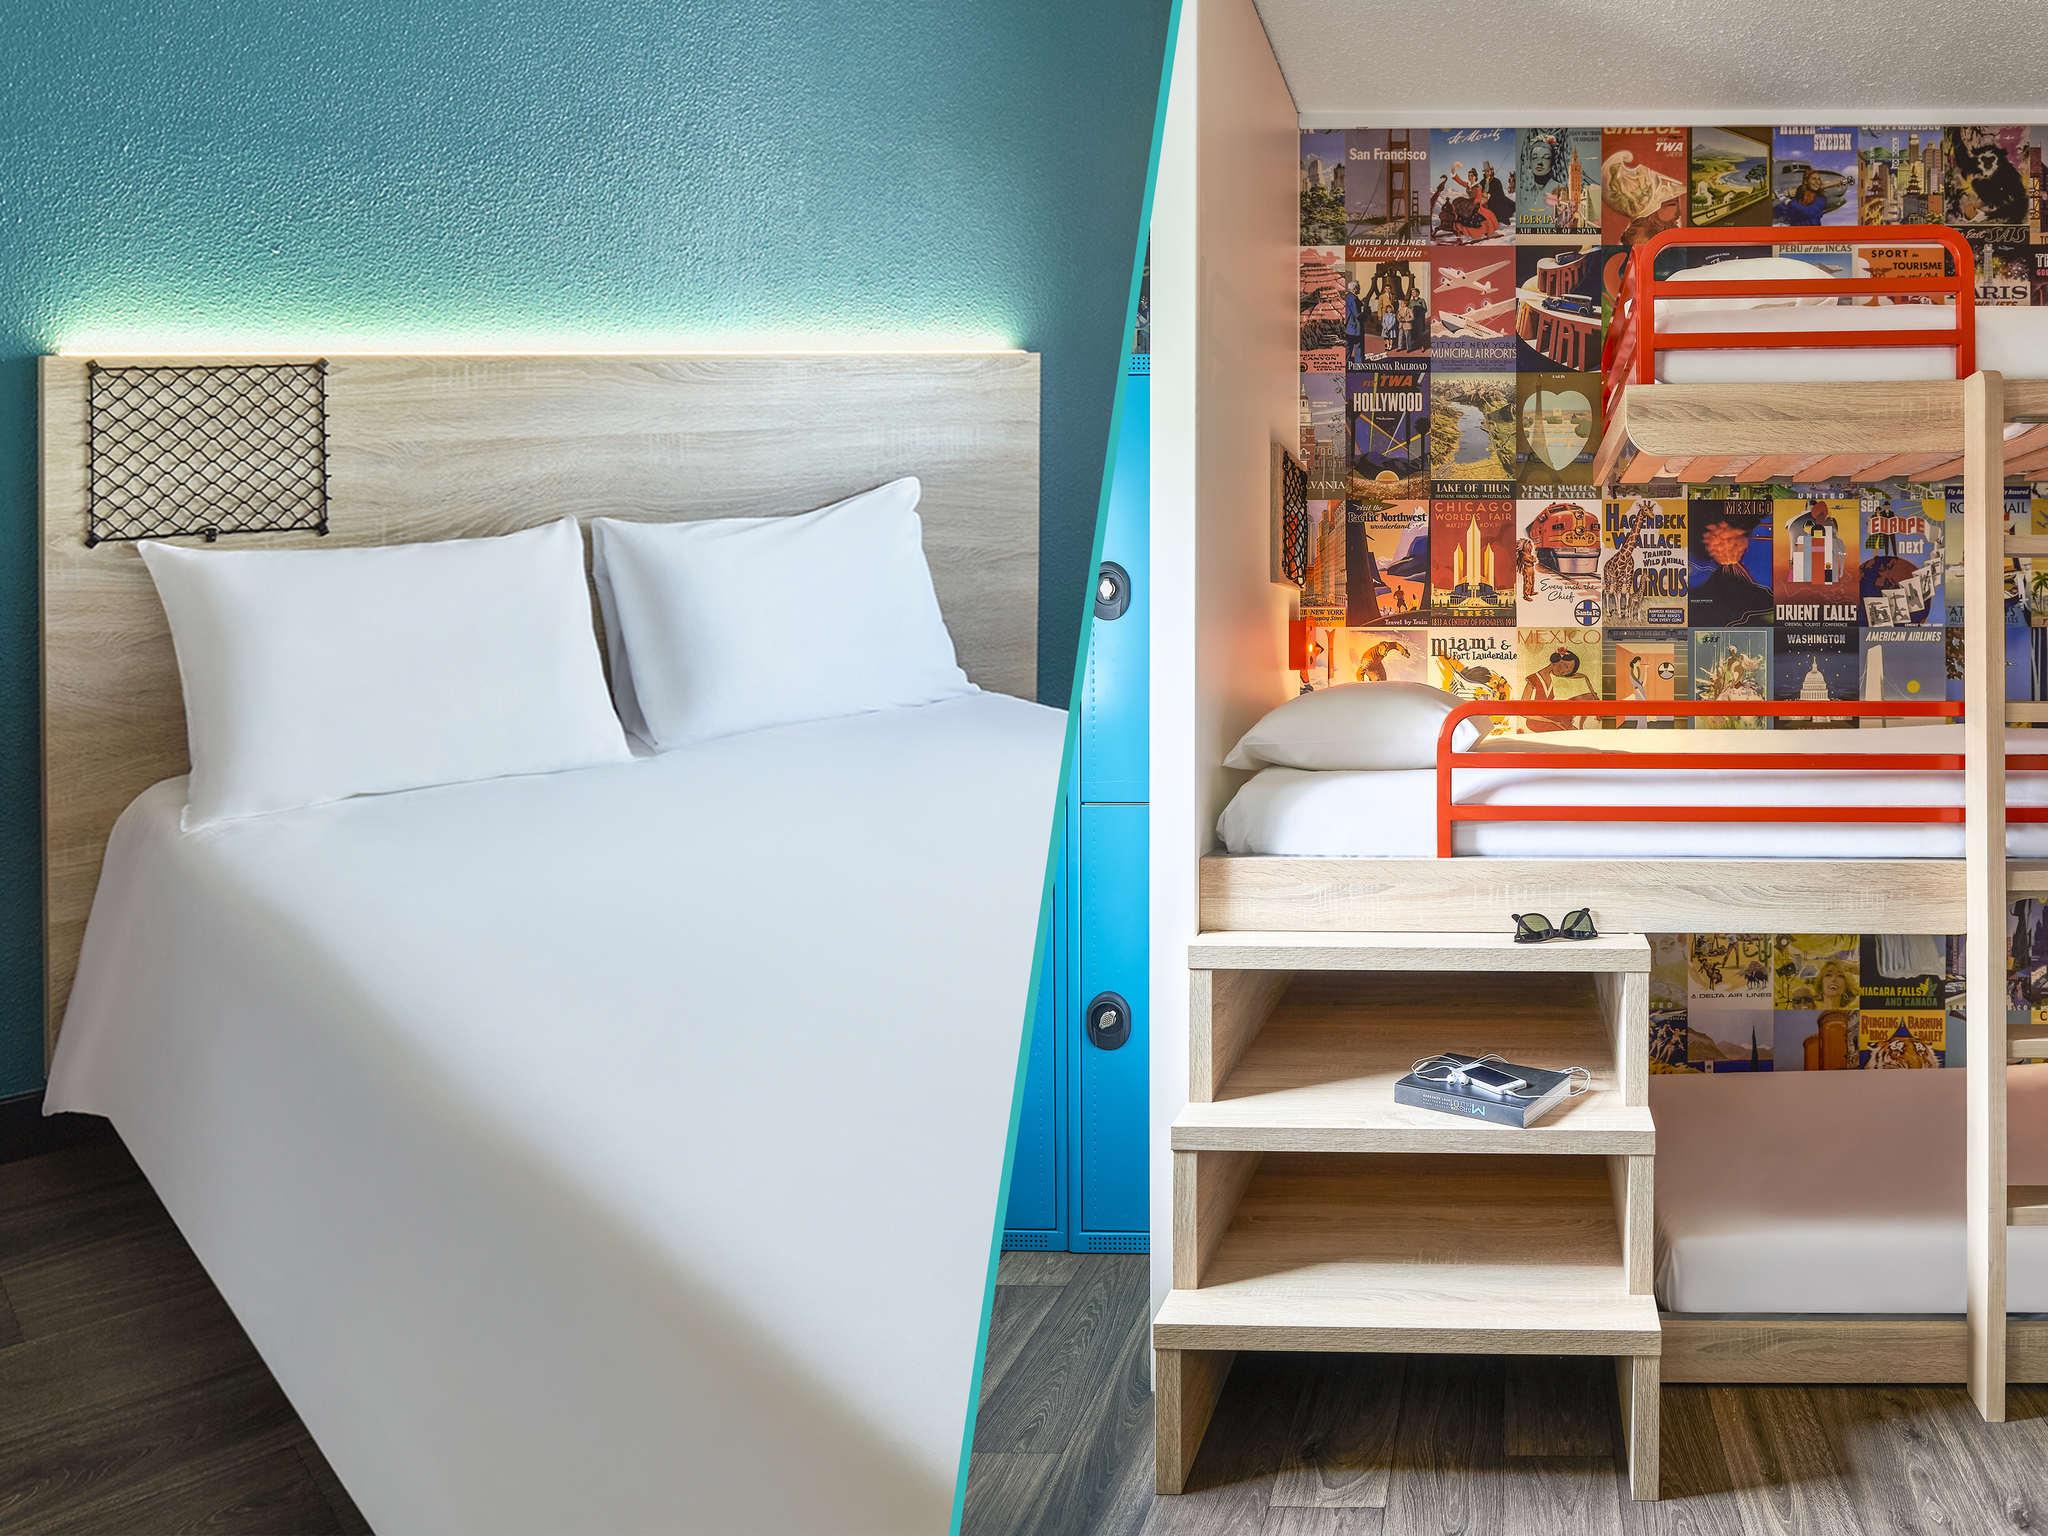 Hotel - hotelF1 Paris Saint Ouen Marché aux Puces